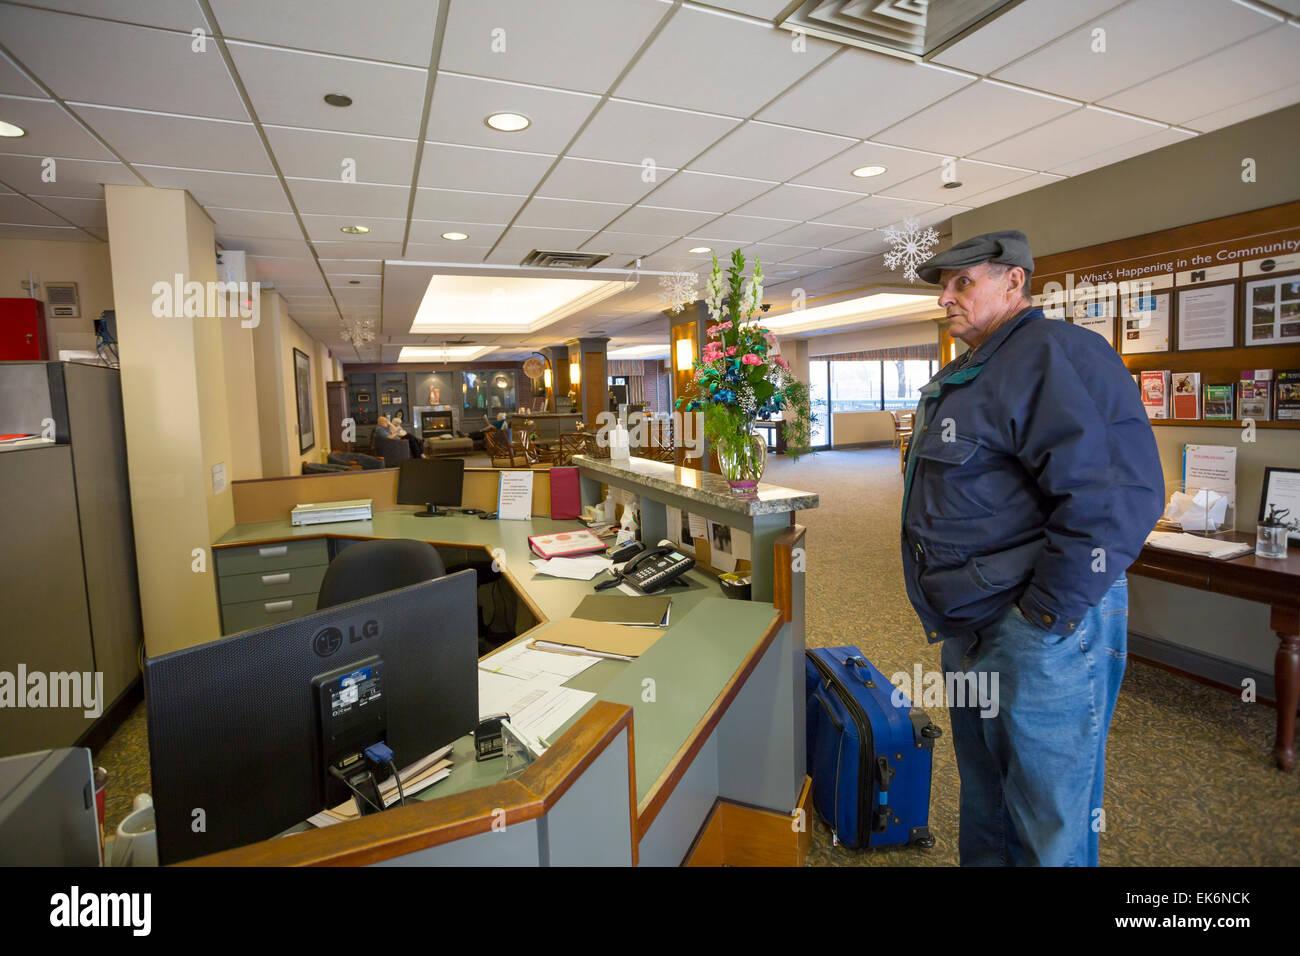 Contrôle de personnes âgées dans un foyer pour personnes âgées Banque D'Images